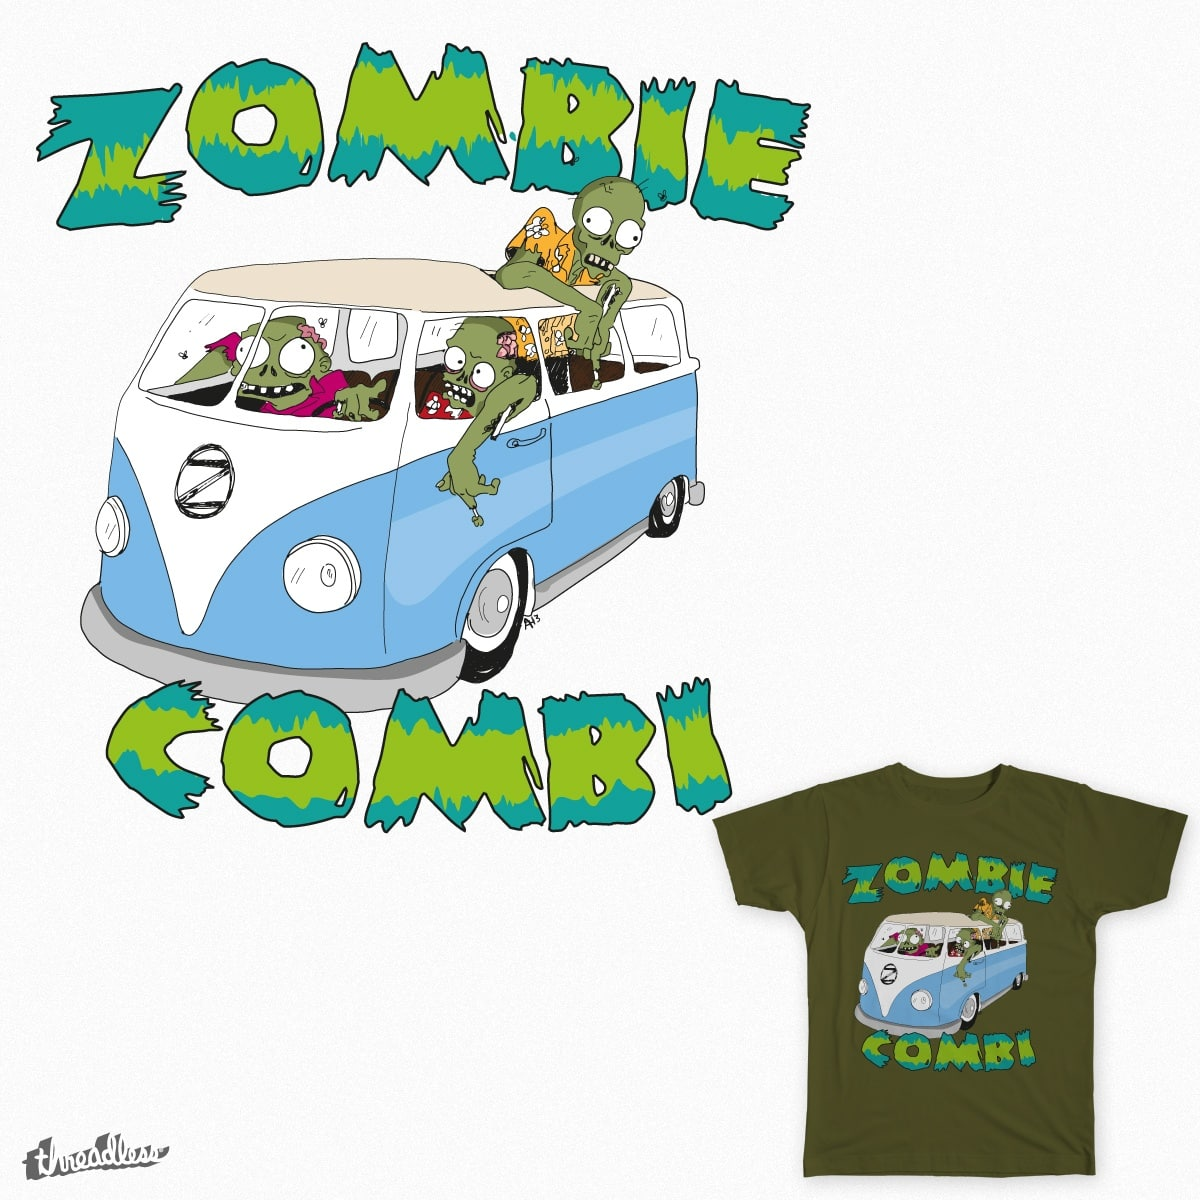 Zombie Combi by aldominium81 on Threadless